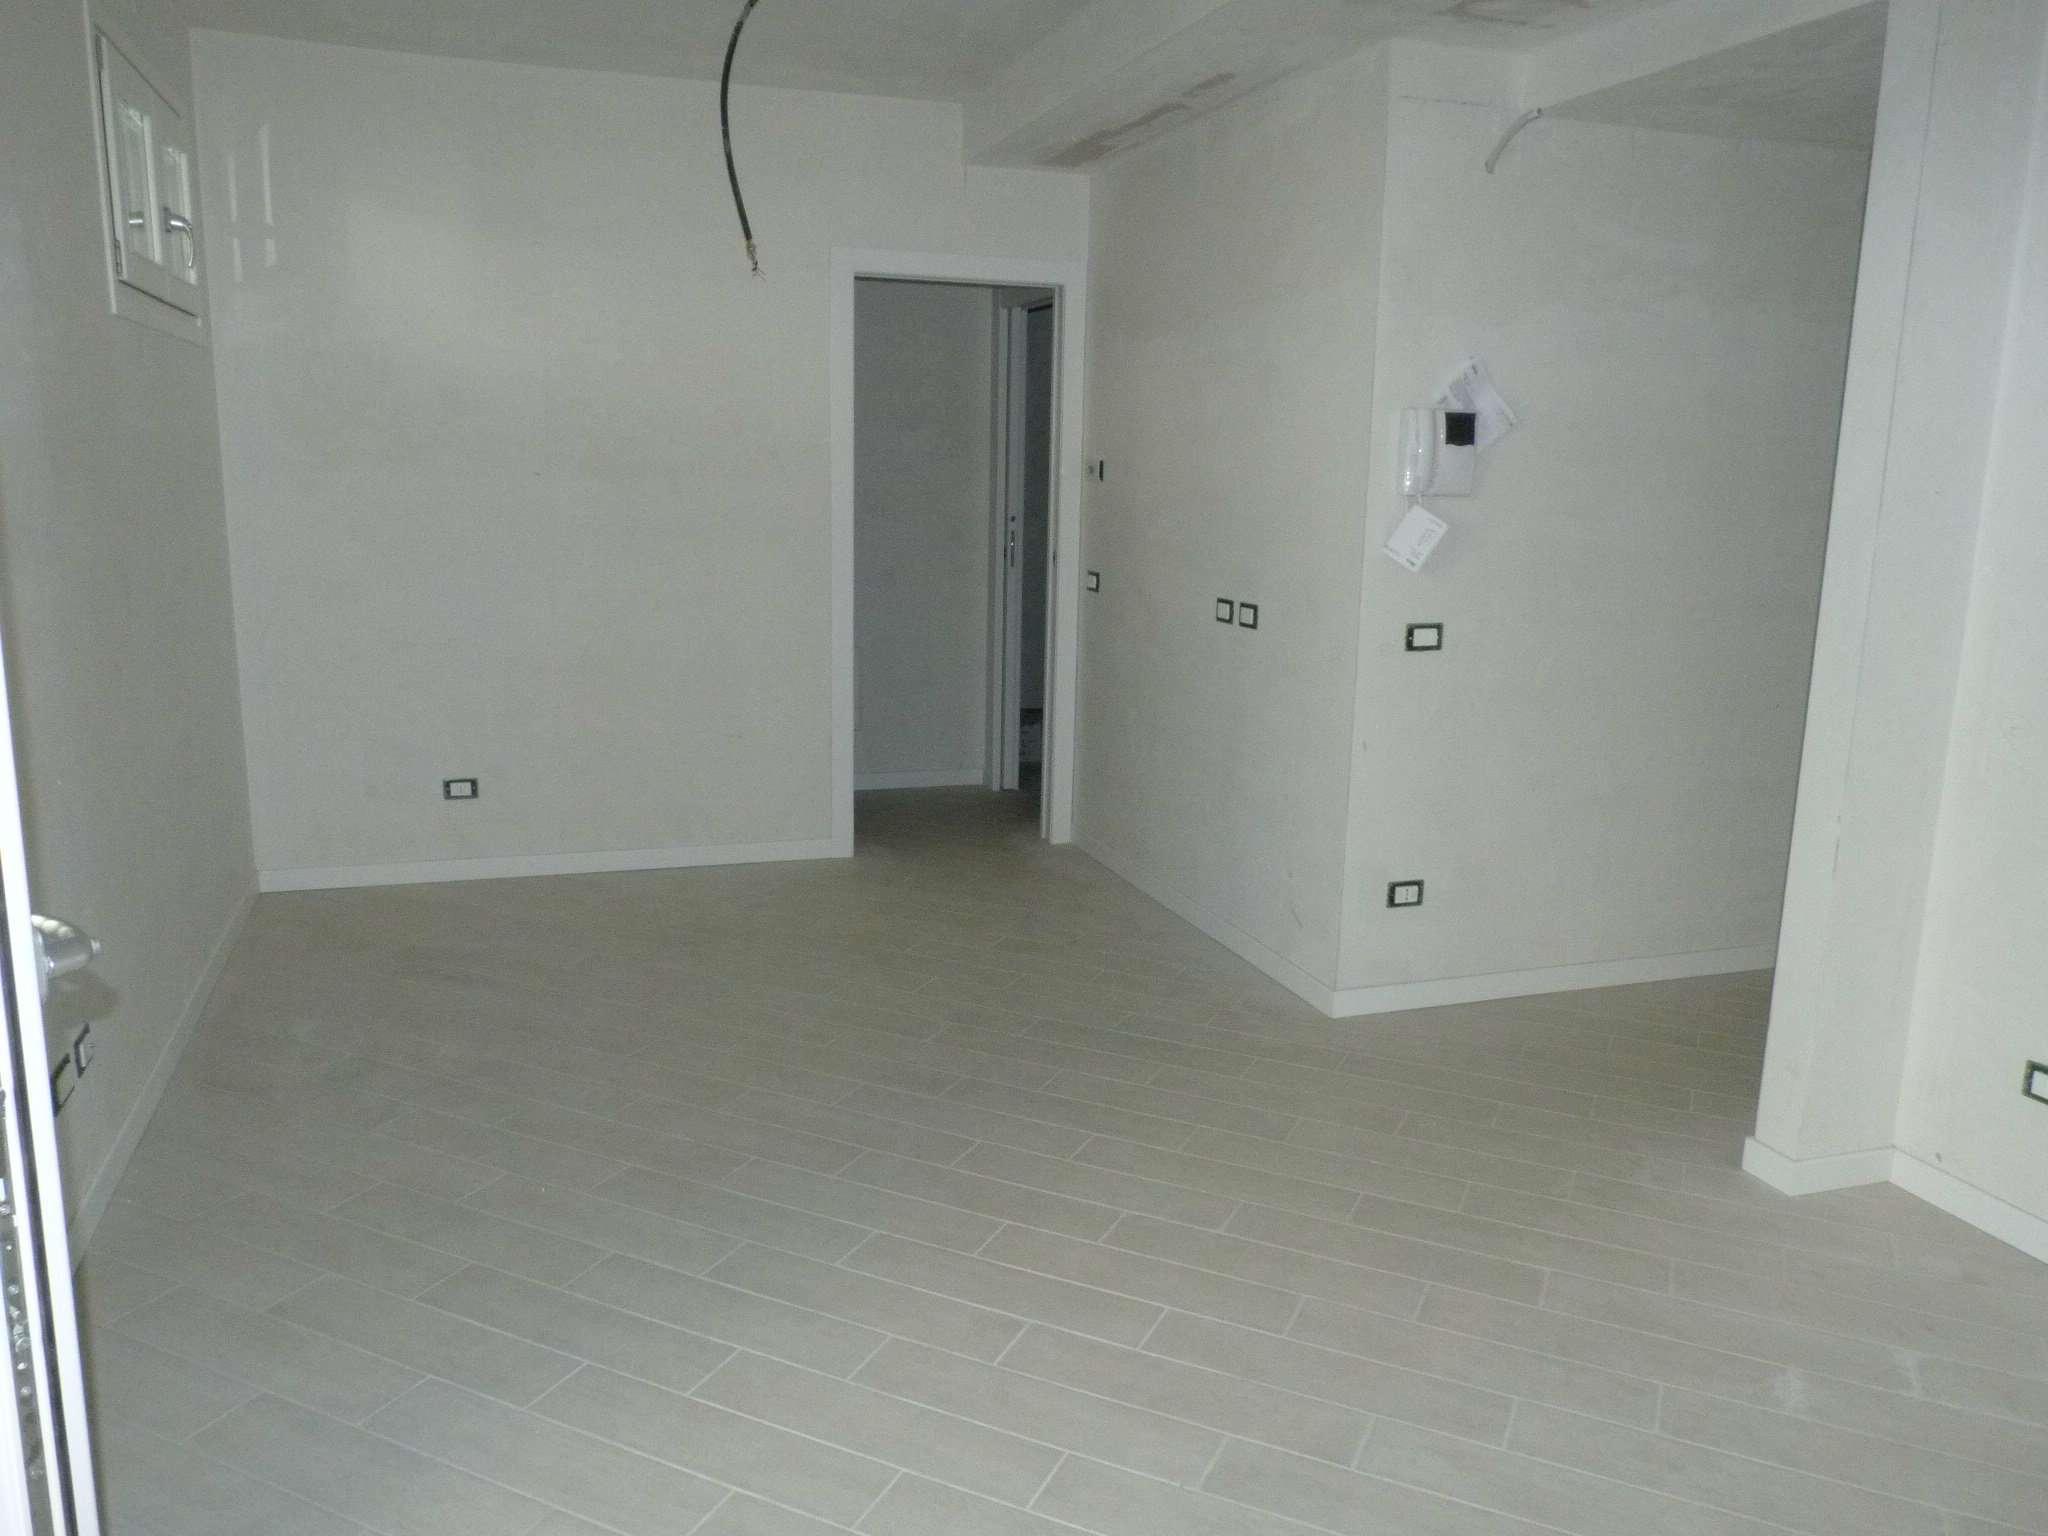 Appartamento in vendita a Como, 2 locali, zona Zona: 5 . Borghi, prezzo € 190.000 | CambioCasa.it